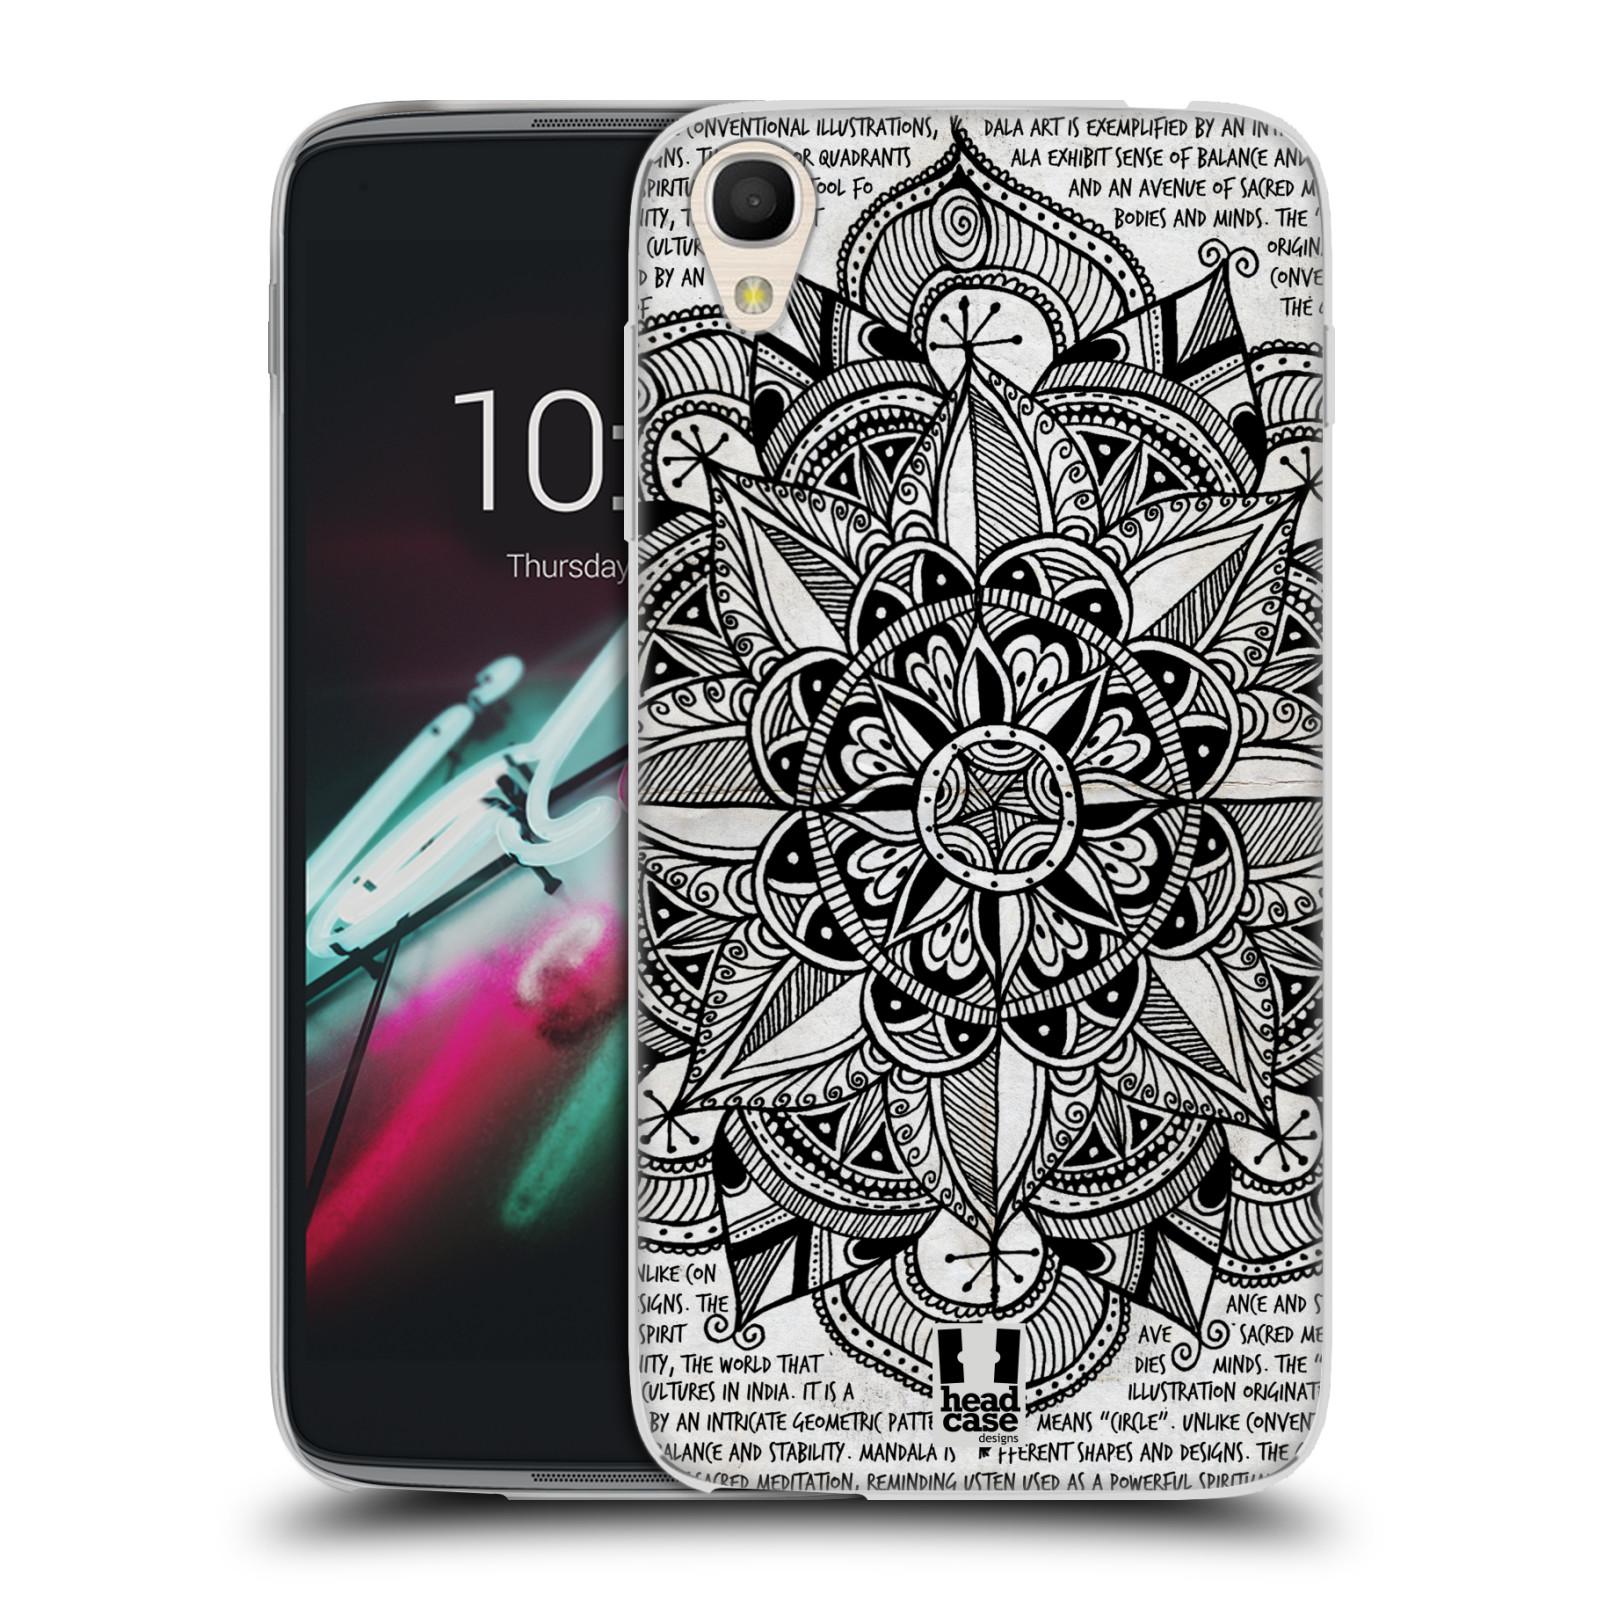 """Silikonové pouzdro na mobil Alcatel One Touch 6039Y Idol 3 HEAD CASE Mandala Doodle Paper (Silikonový kryt či obal na mobilní telefon Alcatel One Touch Idol 3 OT-6039Y s 4,7"""" displejem)"""